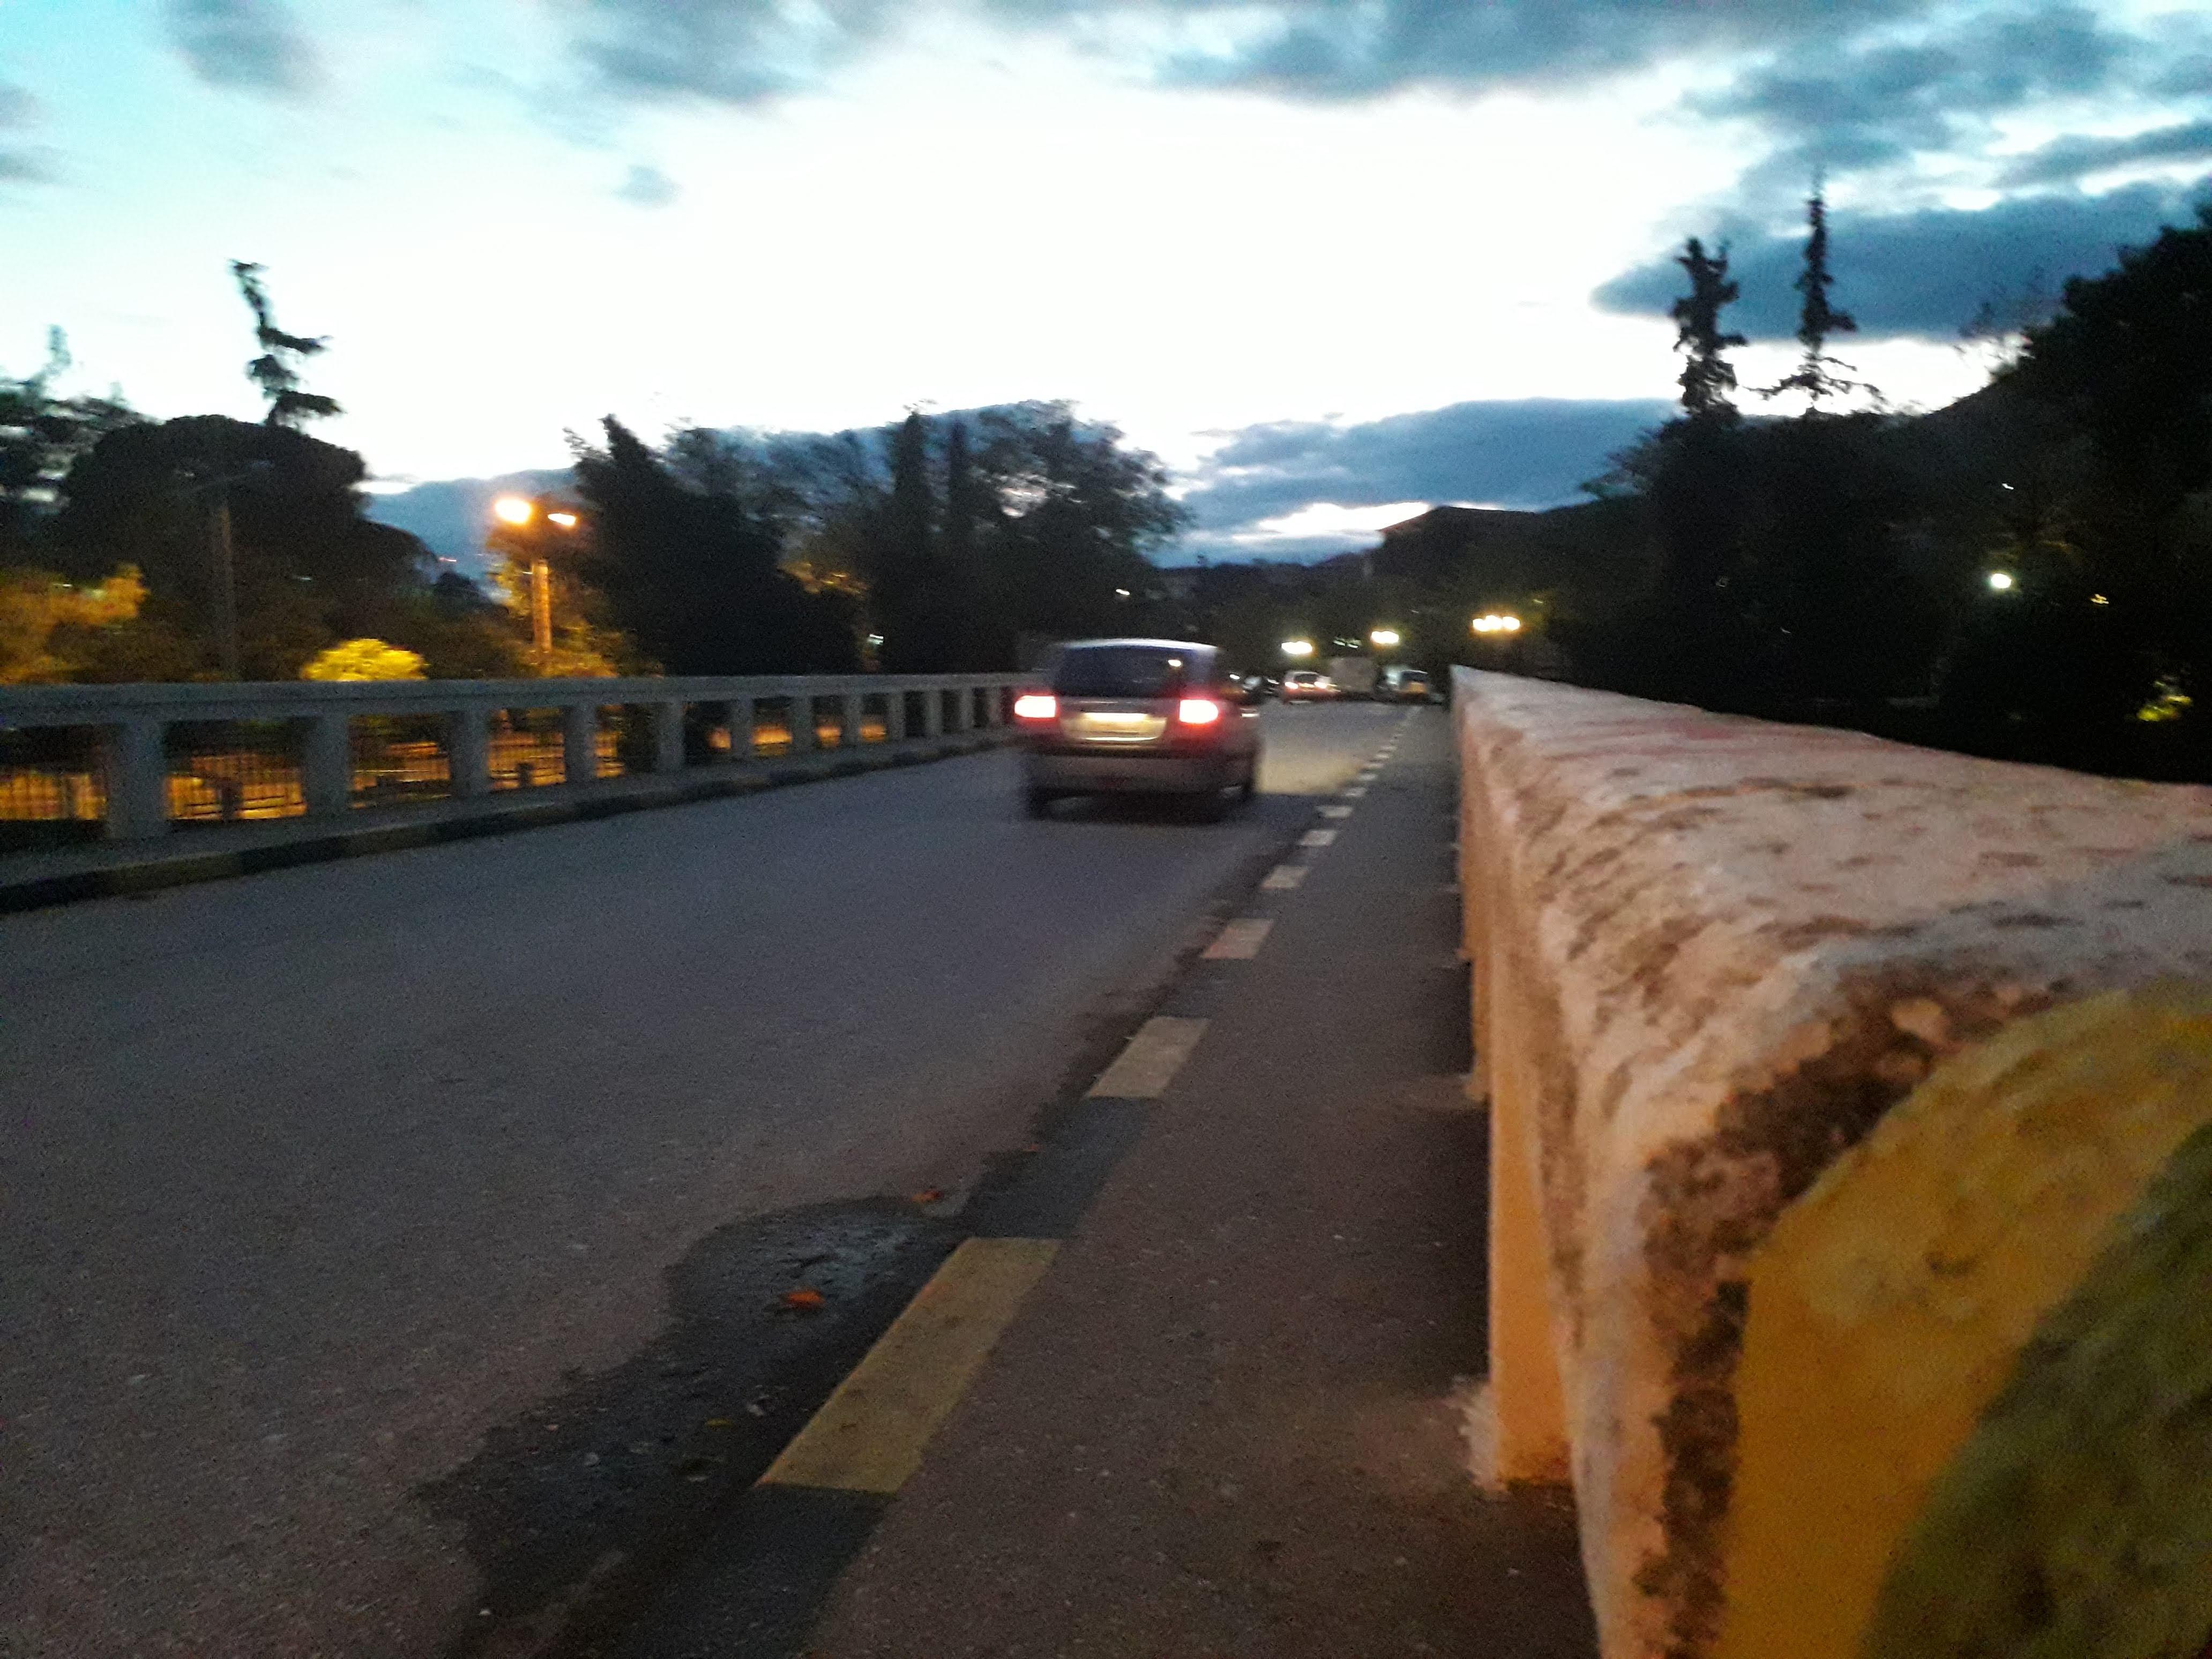 Γεραπετρίτης: Απελευθερώνονται οι διαδημοτικές μετακινήσεις